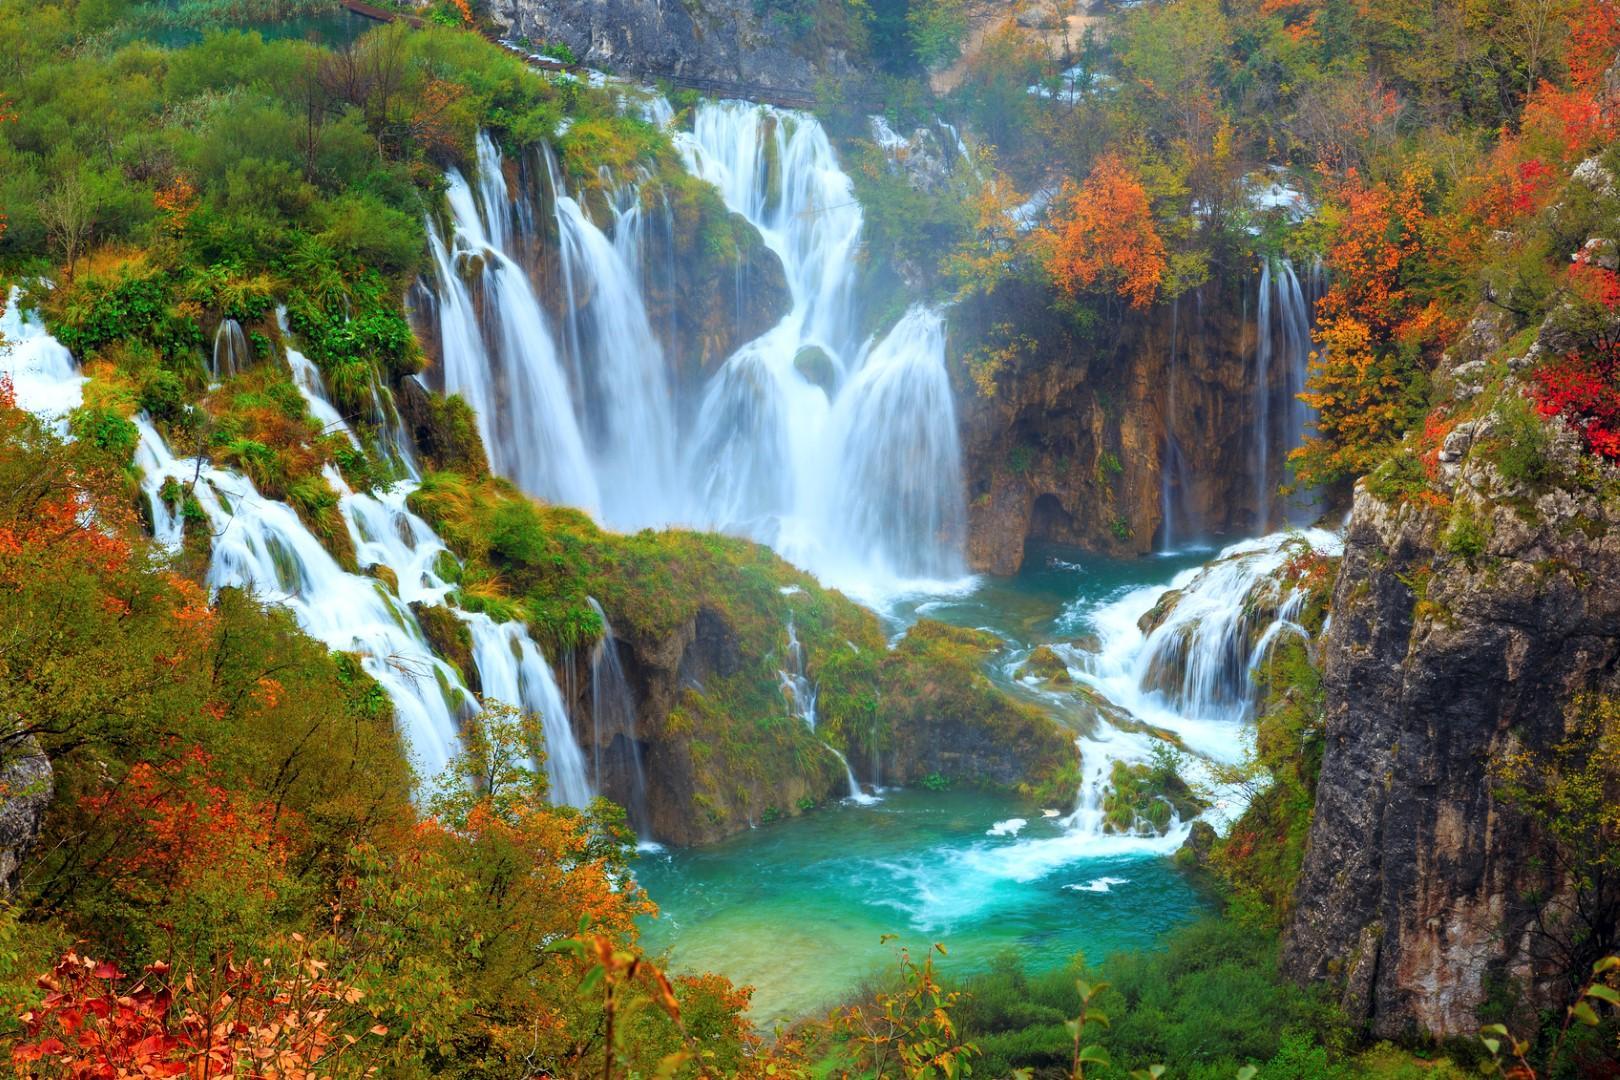 Le cascate pi belle del mondo tempo libero virgilio forum for Le piu belle fotografie